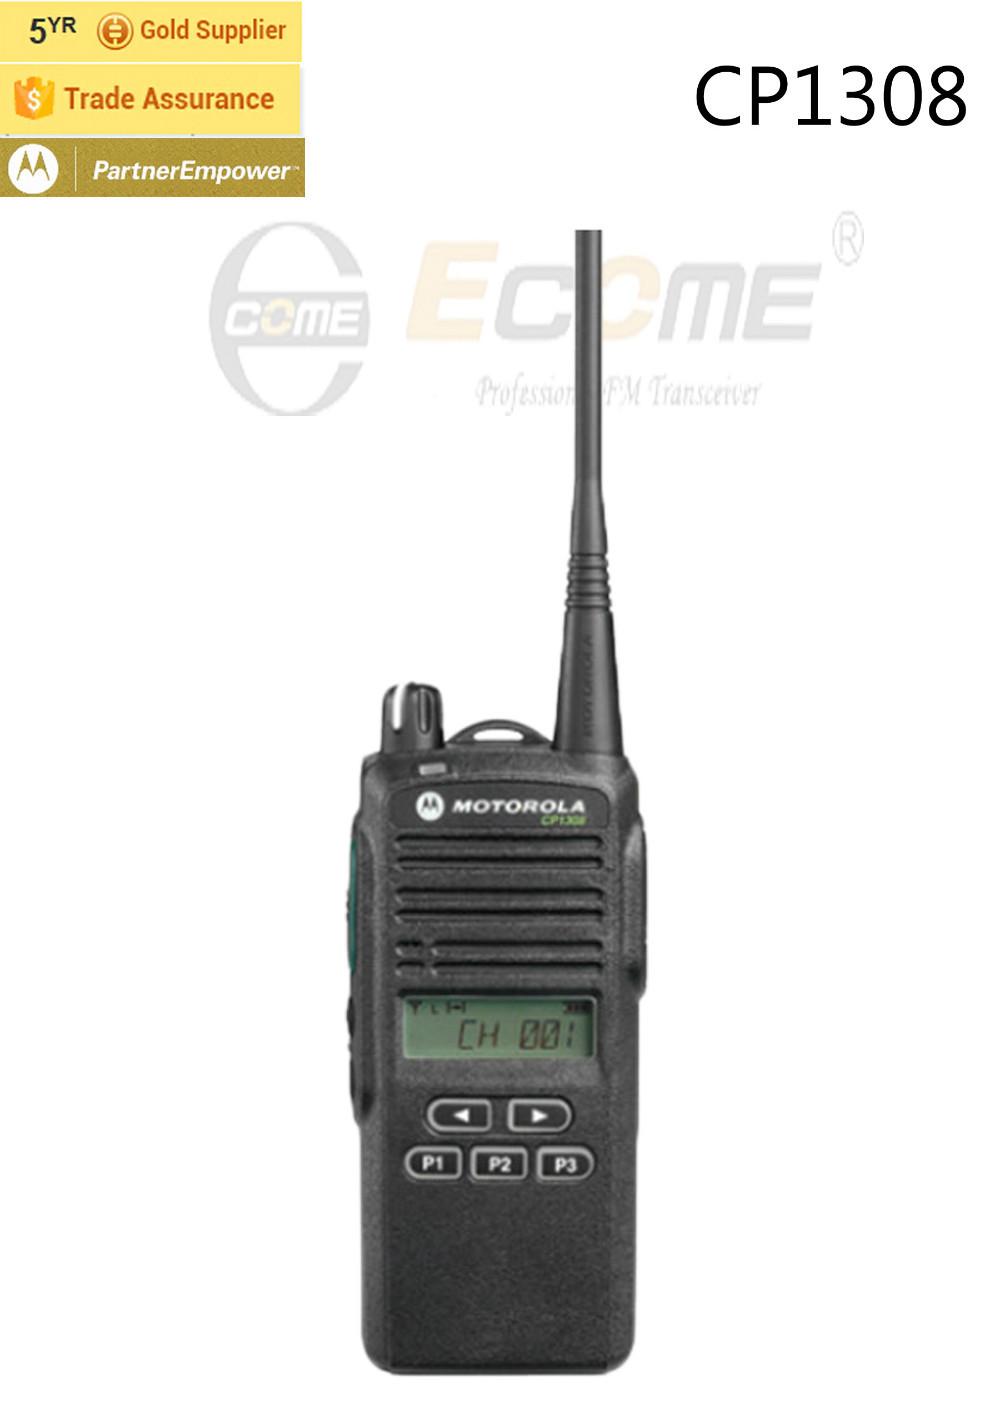 Motorola UHF CP1308 Walkie Talkie(China (Mainland))